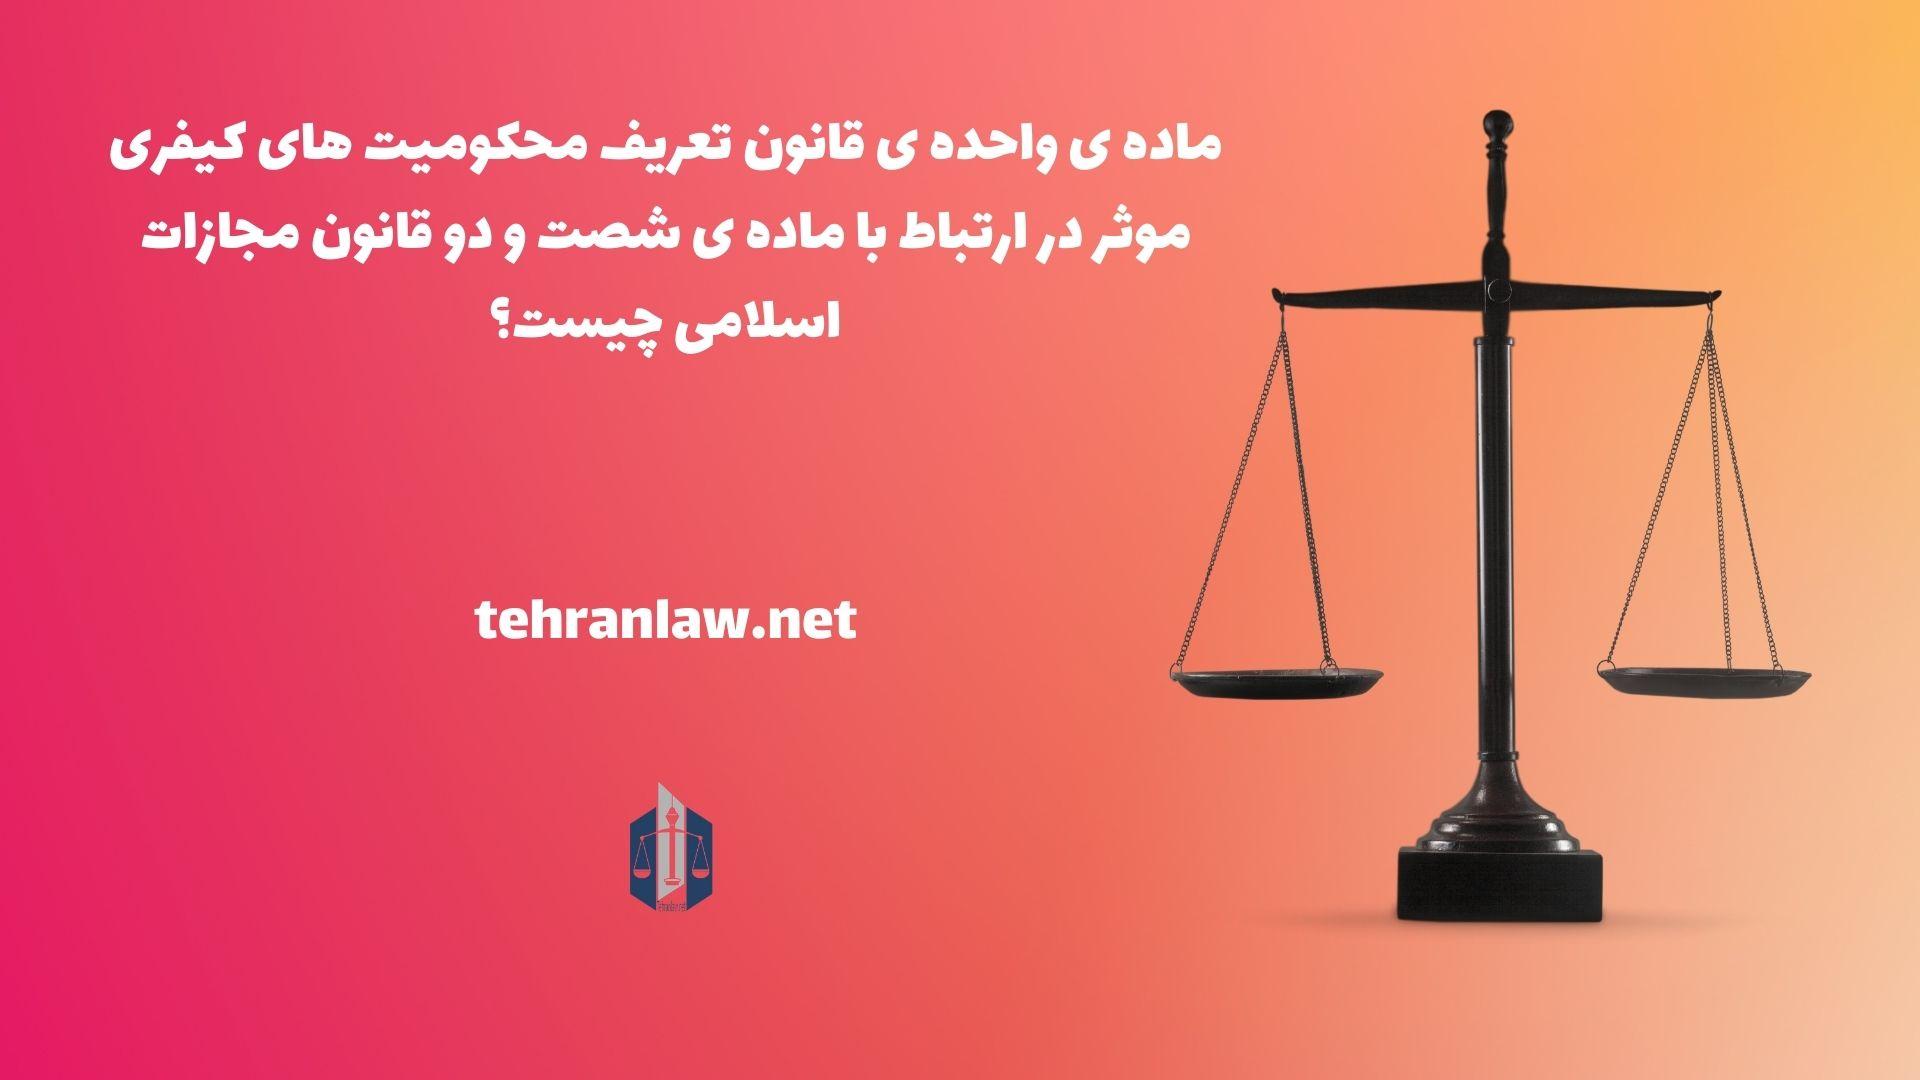 ماده ی واحده ی قانون تعریف محکومیت های کیفری موثر در ارتباط با ماده ی شصت و دو قانون مجازات اسلامی چیست؟